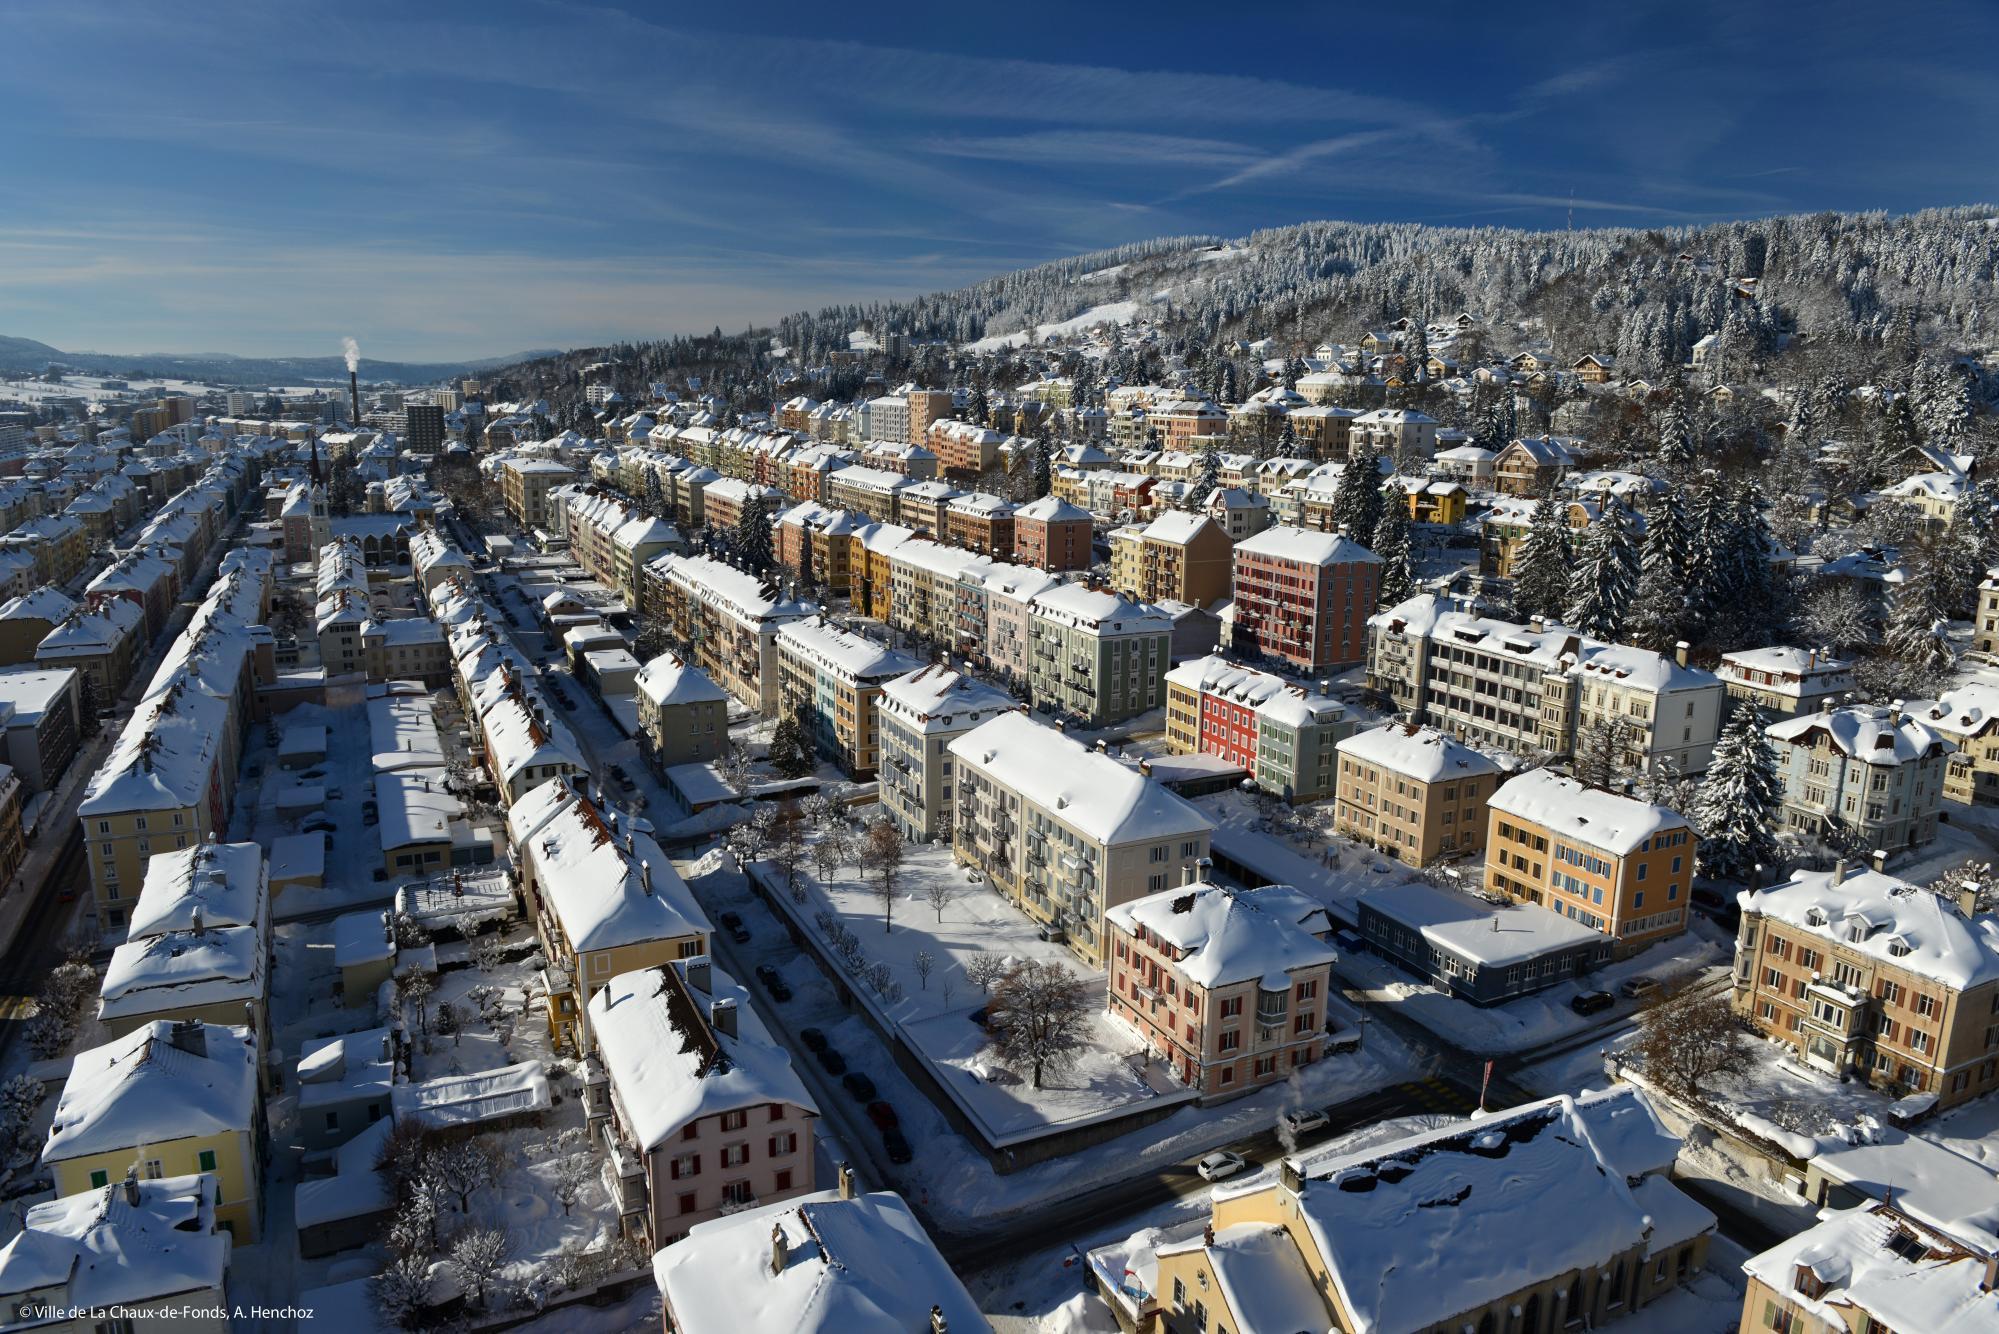 La Chaux De Fonds Tourism Neuchatel Tourism Switzerland